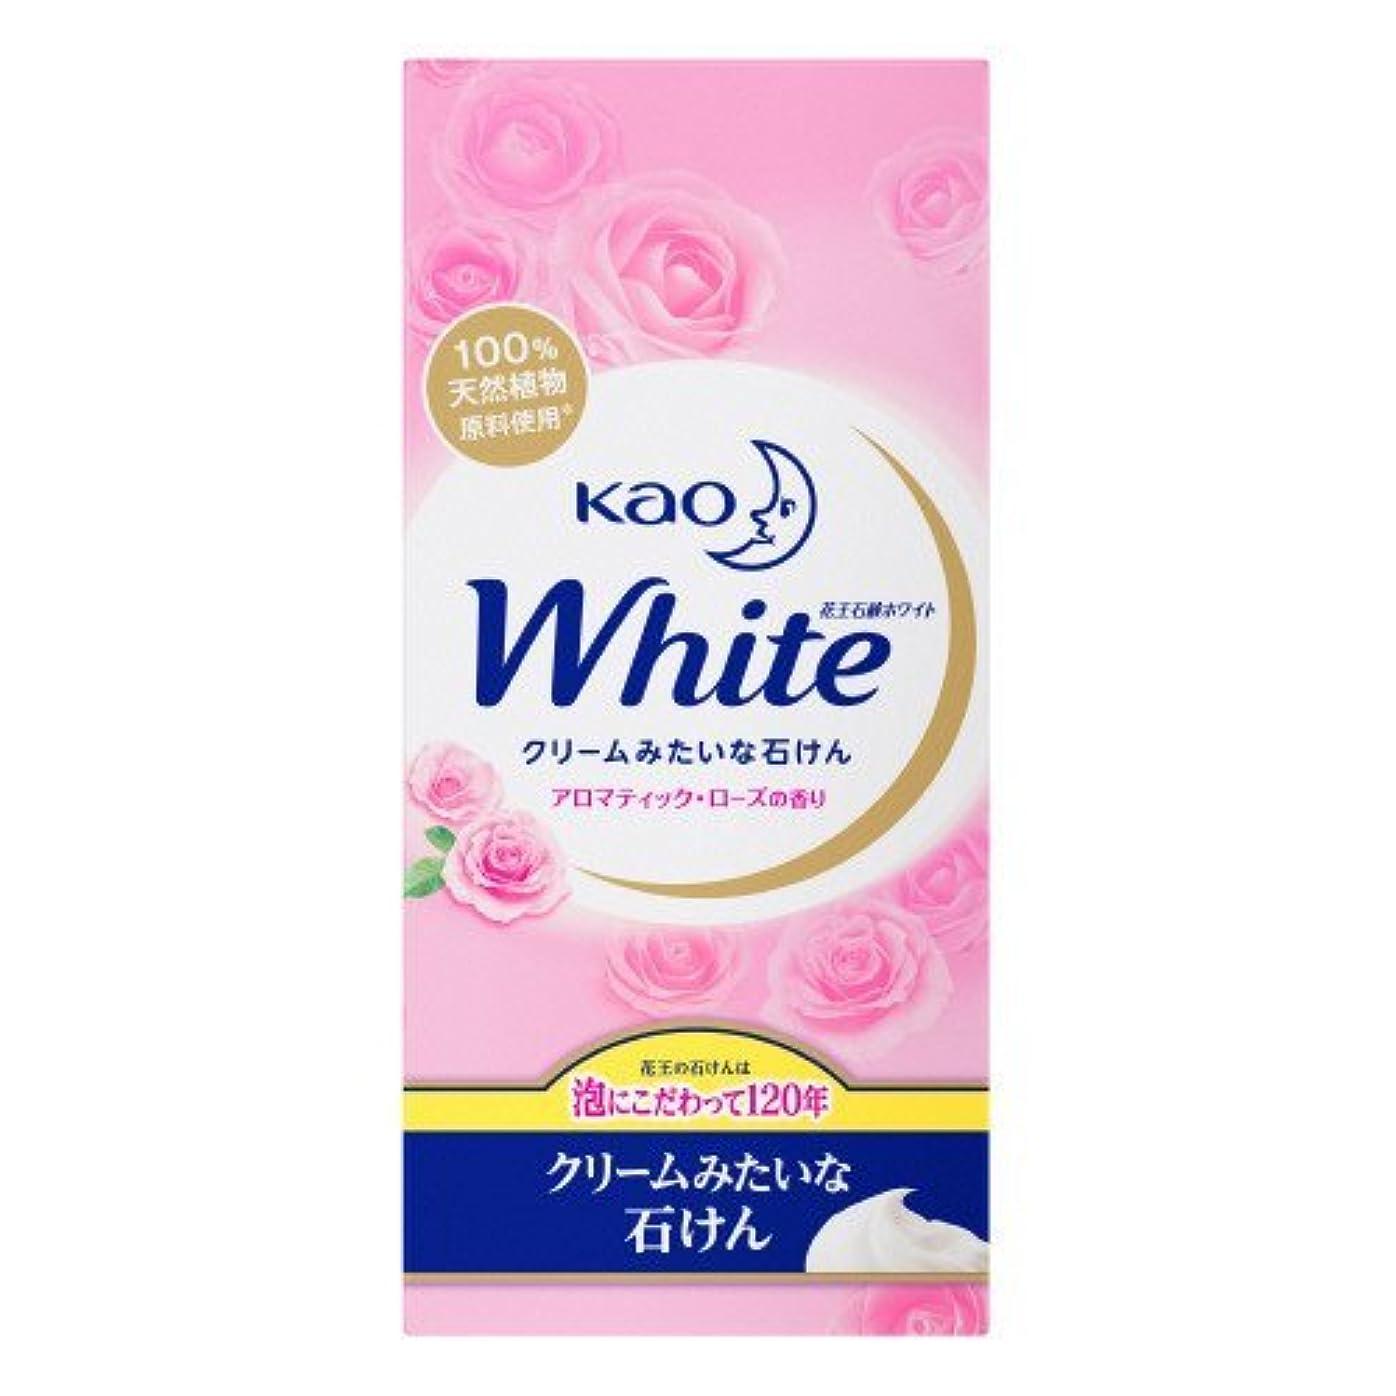 【花王】花王ホワイト アロマティックローズの香りレギュラーサイズ (85g×6個) ×20個セット